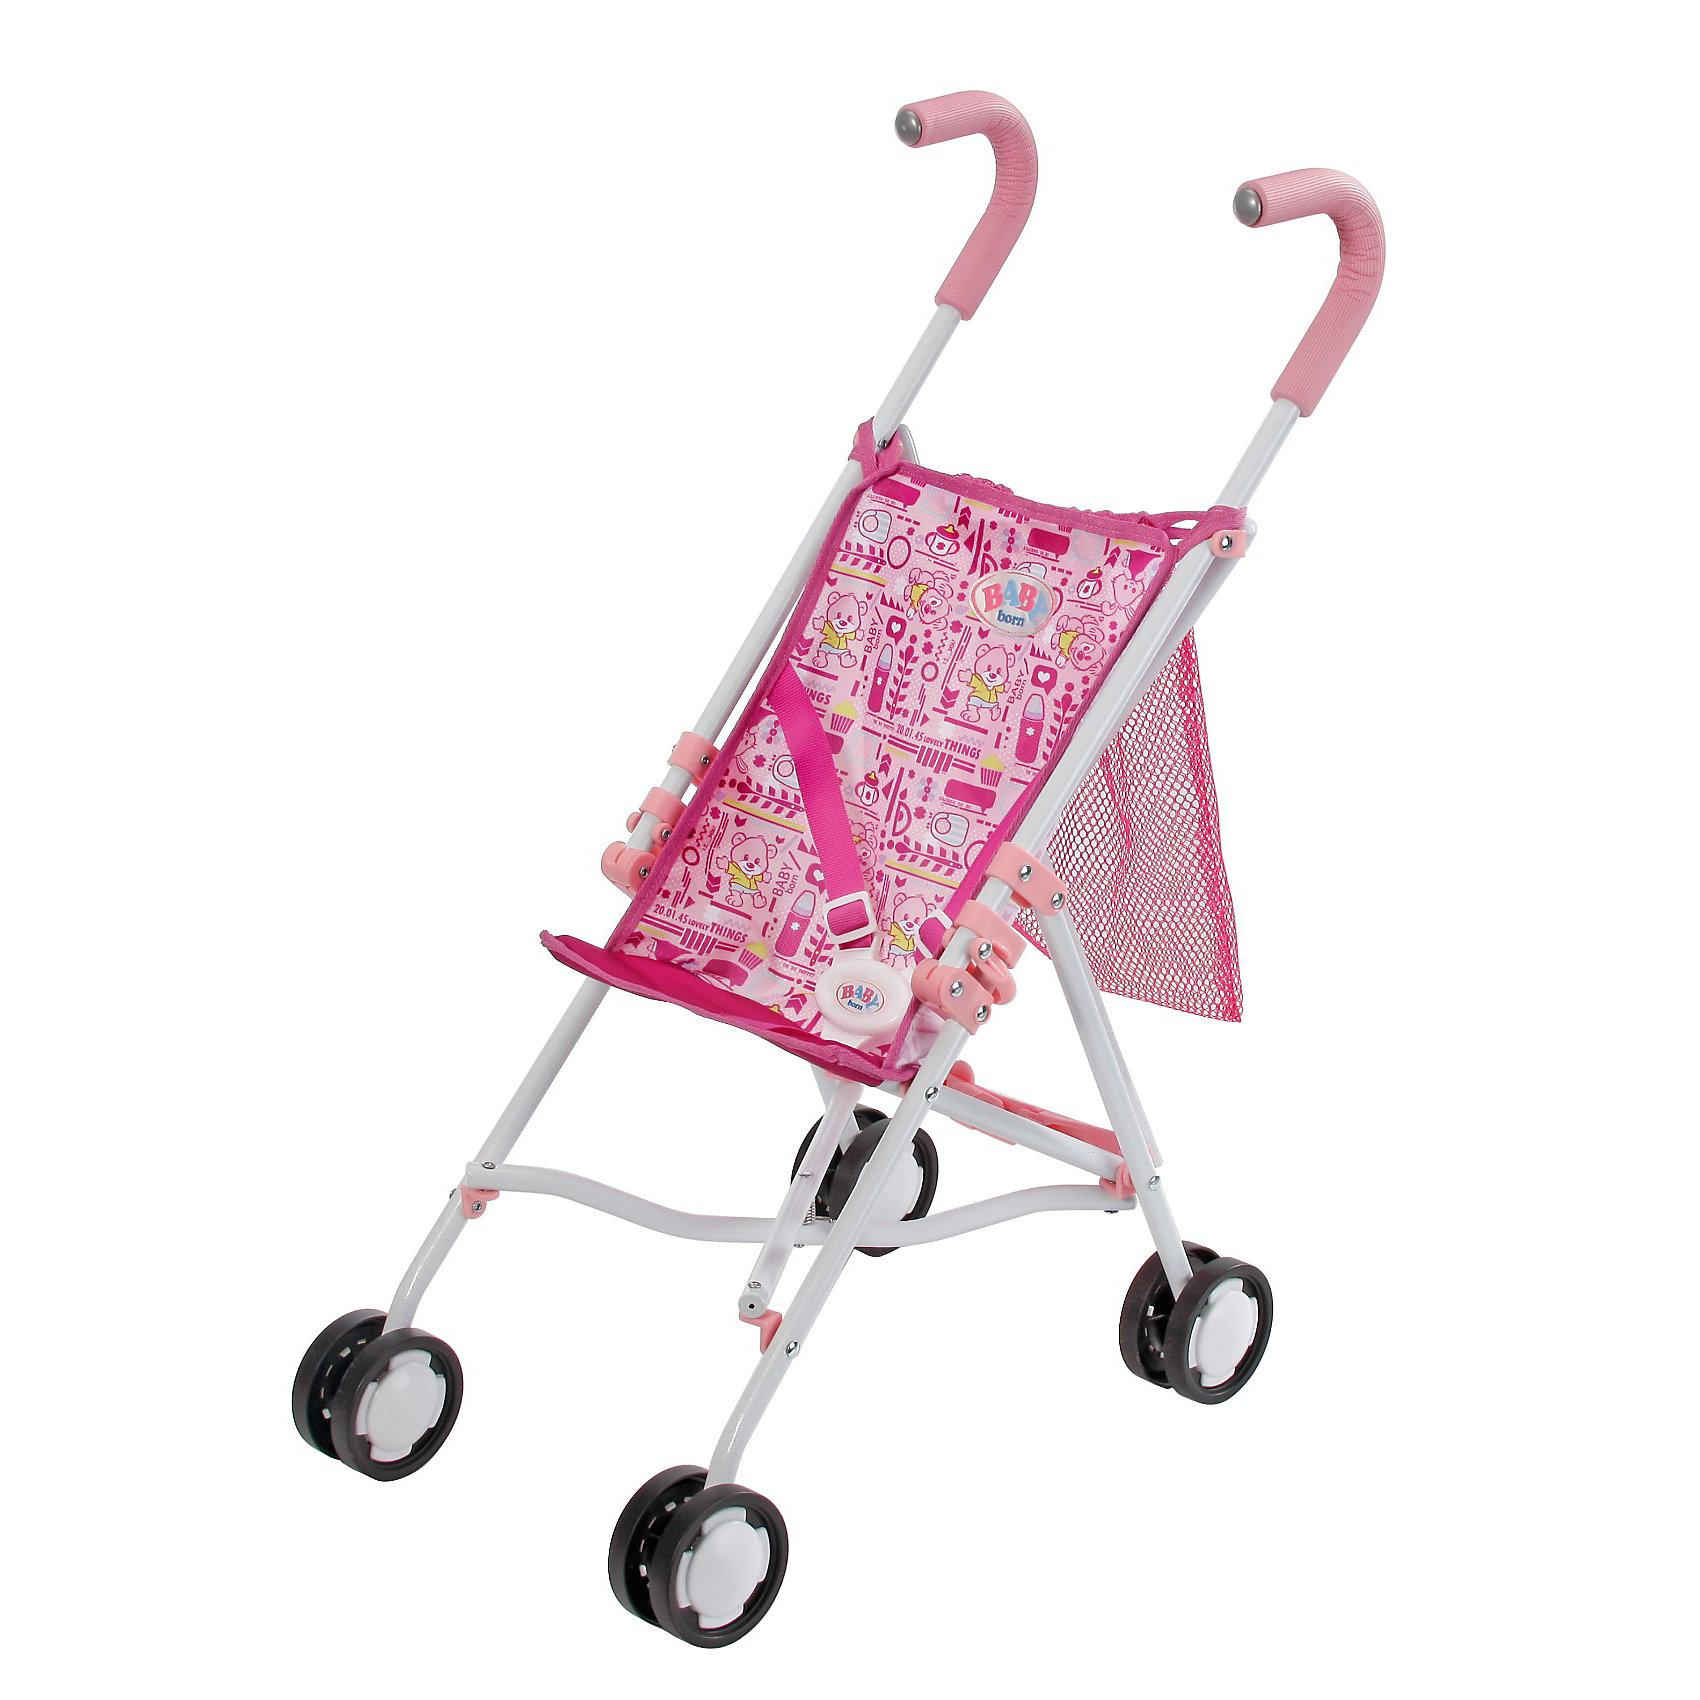 Кукольная коляска-трость, с сеткой, BABY bornБренды кукол<br>Кукольная коляска-трость BABY born (Беби Борн) станет замечательным подарком для Вашей девочки и разнообразит игру с любимой куклой. Коляска приятной розовой расцветки оснащена ремнями безопасности, чтобы куколка не выпала во время прогулки, и удобными для ребенка прорезиненными ручками. Укрепленные колеса обеспечивают хорошую проходимость и маневренность. Сзади коляски имеется сетка для перевозки вещей. Облегченная конструкция позволяет ребенку без усилий управлять коляской. Коляска легко складывается, что позволяет брать ее с собой повсюду, где это необходимо.  <br><br>Дополнительная информация:<br><br>- Материал: текстиль, пластмасса, металл.<br>- Размер упаковки: 59 х 10 х 10 см.<br>- Вес: 1,2 кг.<br><br>Кукольную коляску-трость BABY born (Беби Бон) можно купить в нашем интернет-магазине.<br><br>Ширина мм: 728<br>Глубина мм: 215<br>Высота мм: 142<br>Вес г: 1177<br>Возраст от месяцев: 36<br>Возраст до месяцев: 60<br>Пол: Женский<br>Возраст: Детский<br>SKU: 3350431